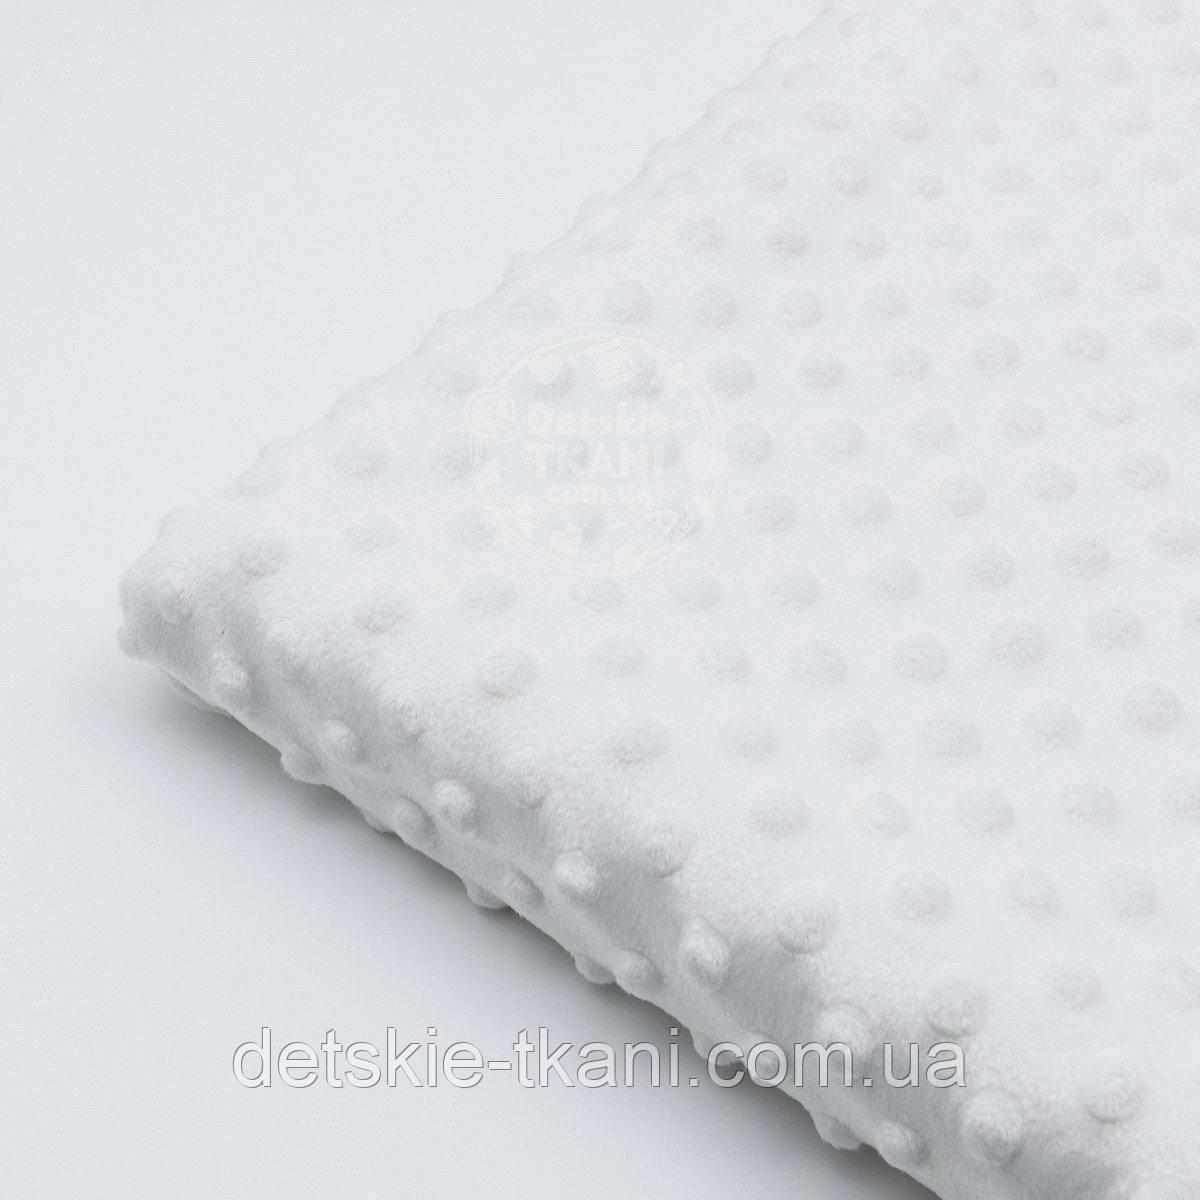 Лоскут плюша minky М-10  цвет белый, размер 30*160 см (есть загрязнение)